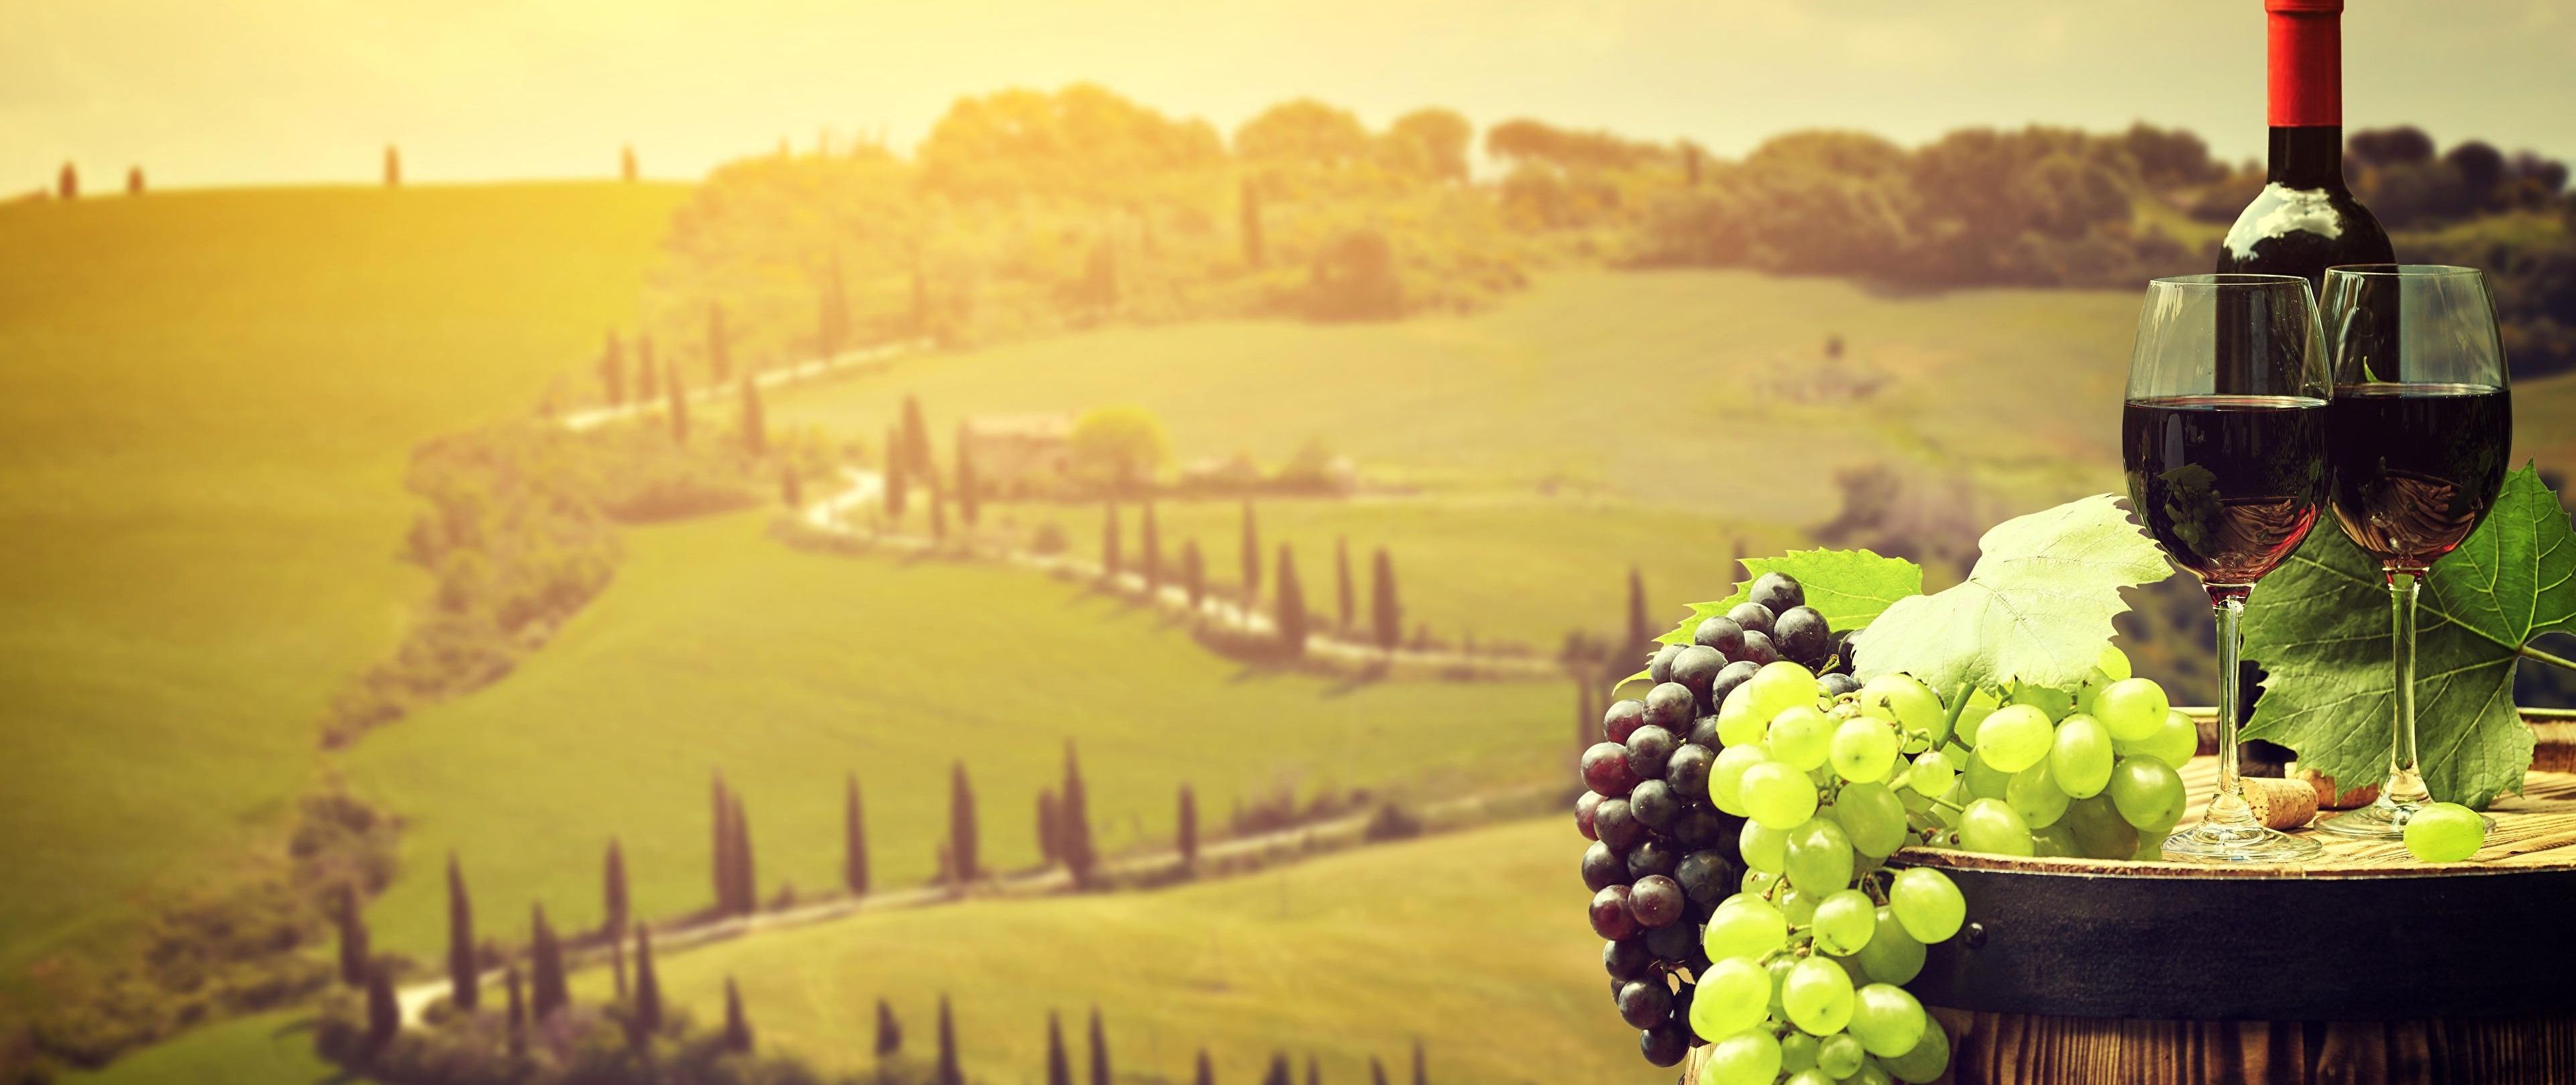 Curso - Vinhos da Itália DOC e DOCG